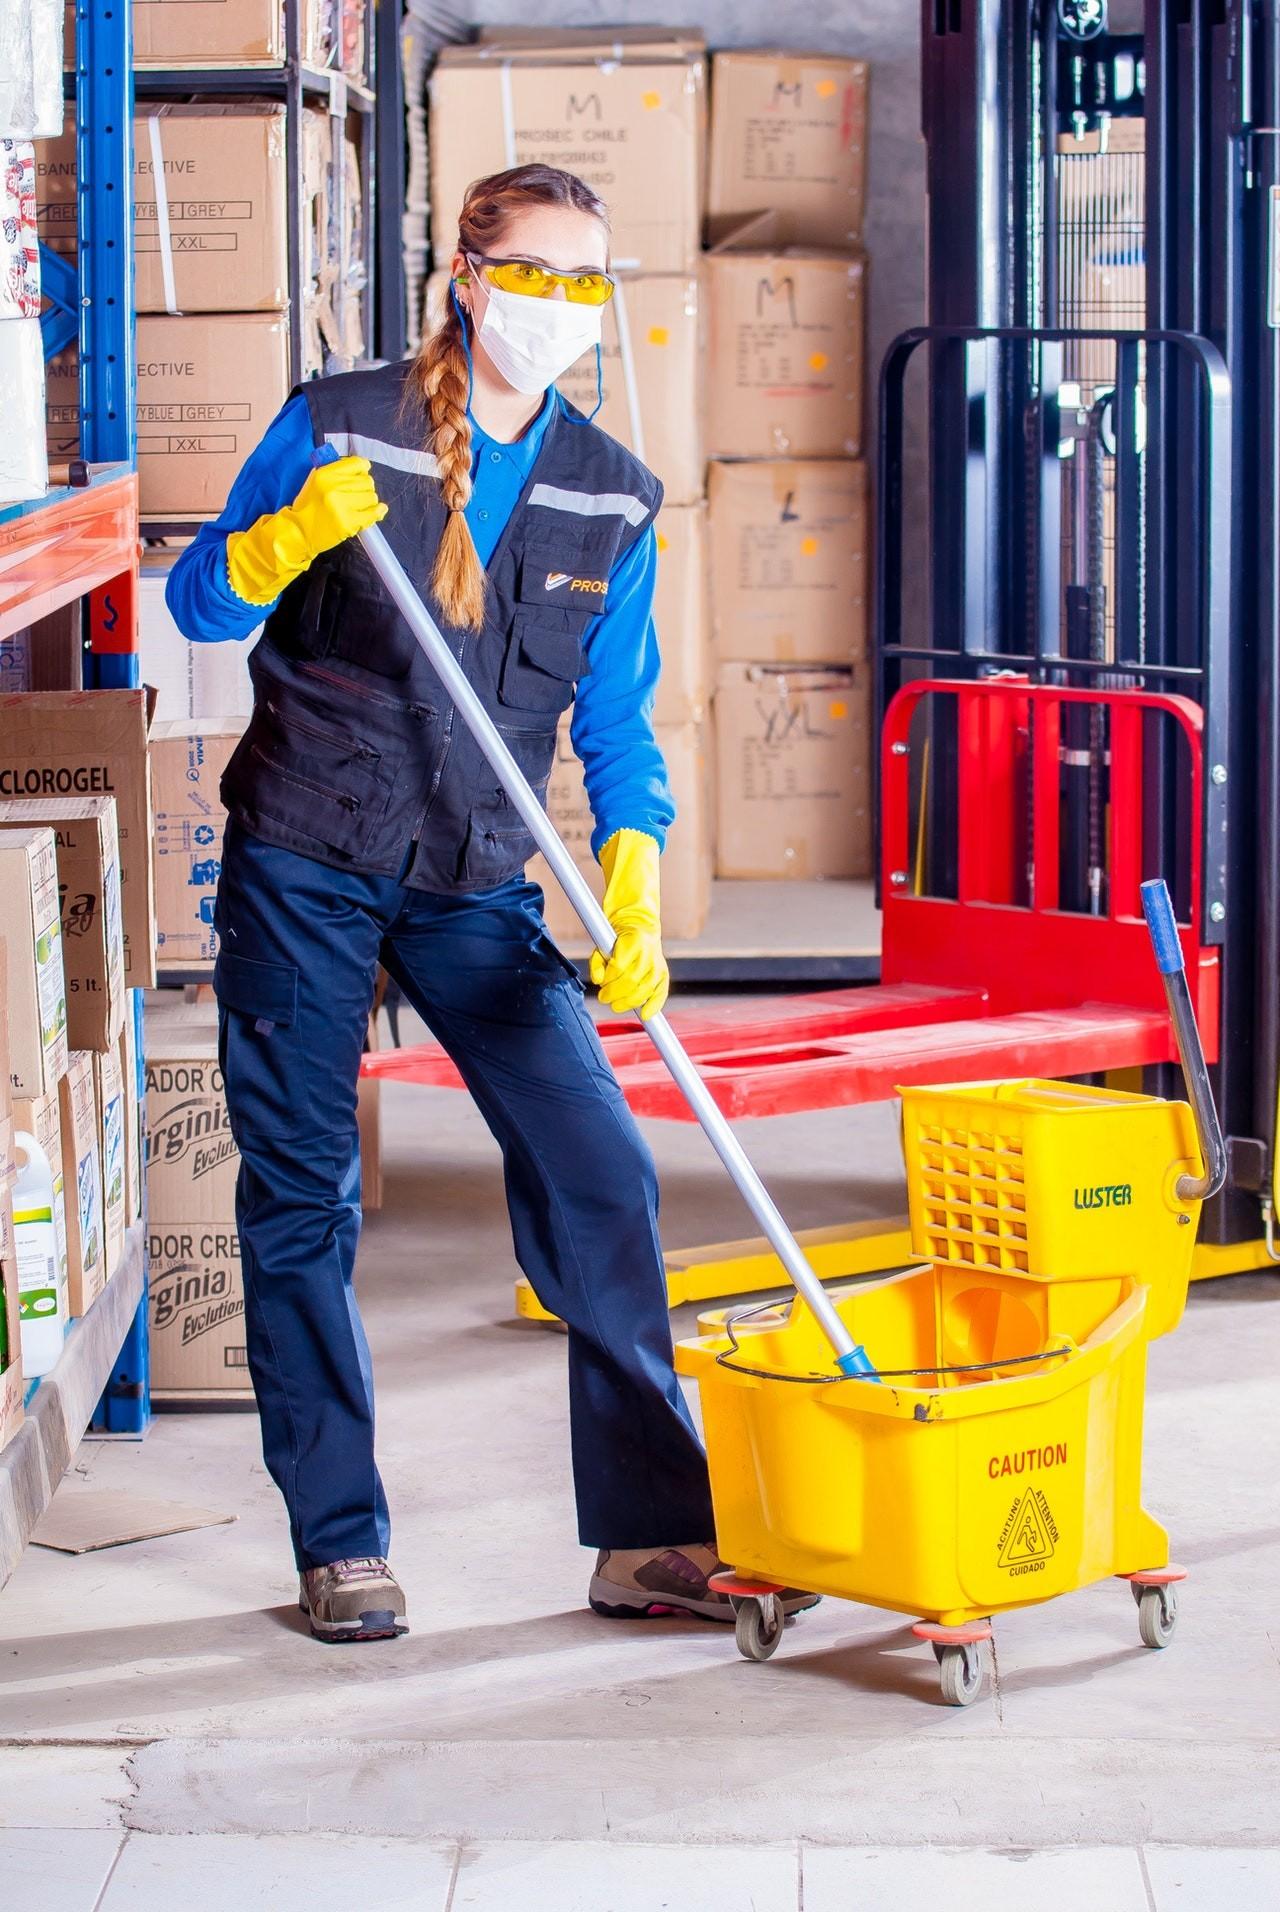 Auch professionelle Reinigungskräfte schwören auf einen guten Wischmopp.